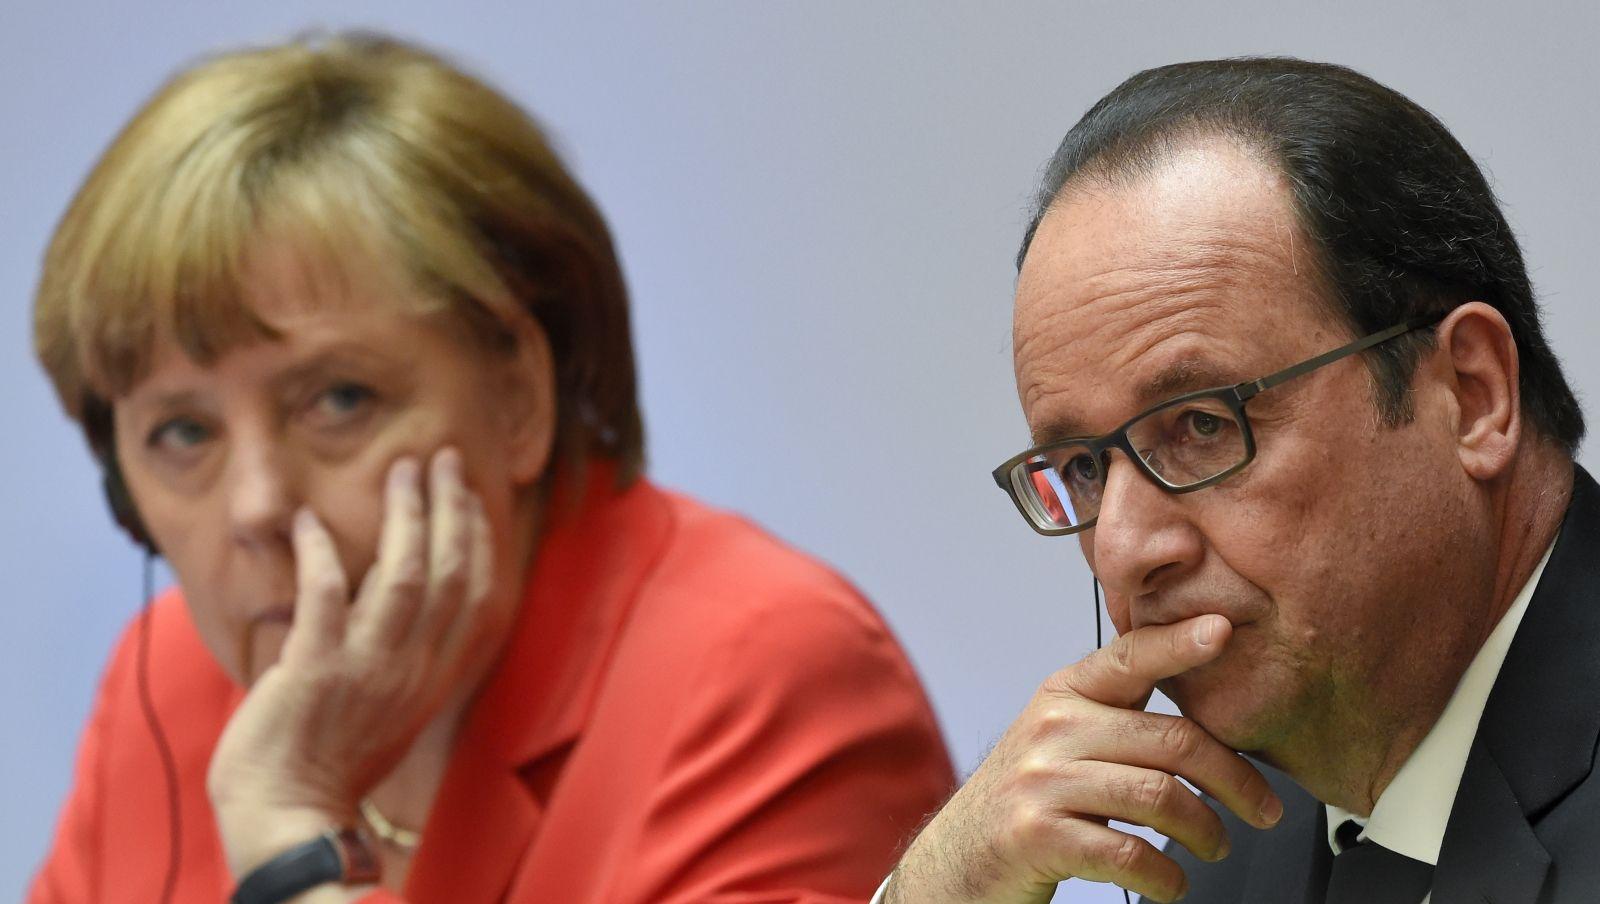 Merkel and Hollande to meet